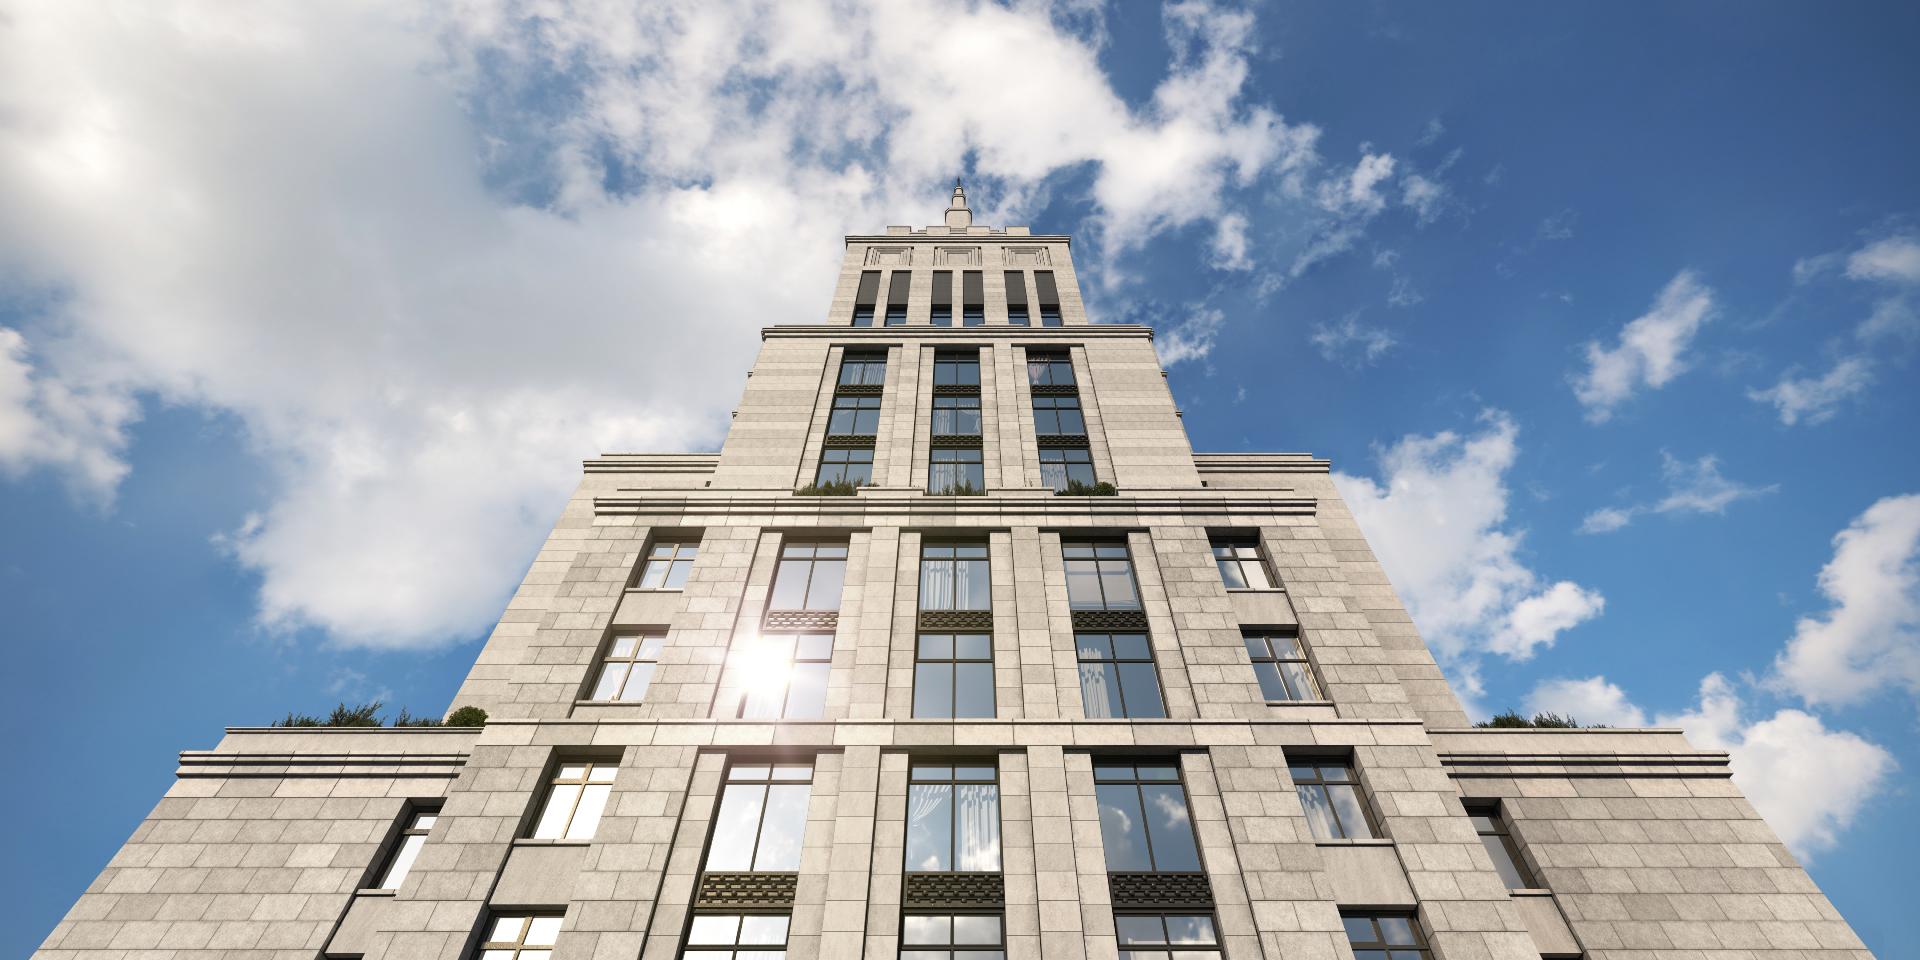 Архитектура Alcon Tower. Визуализация Alcon Group